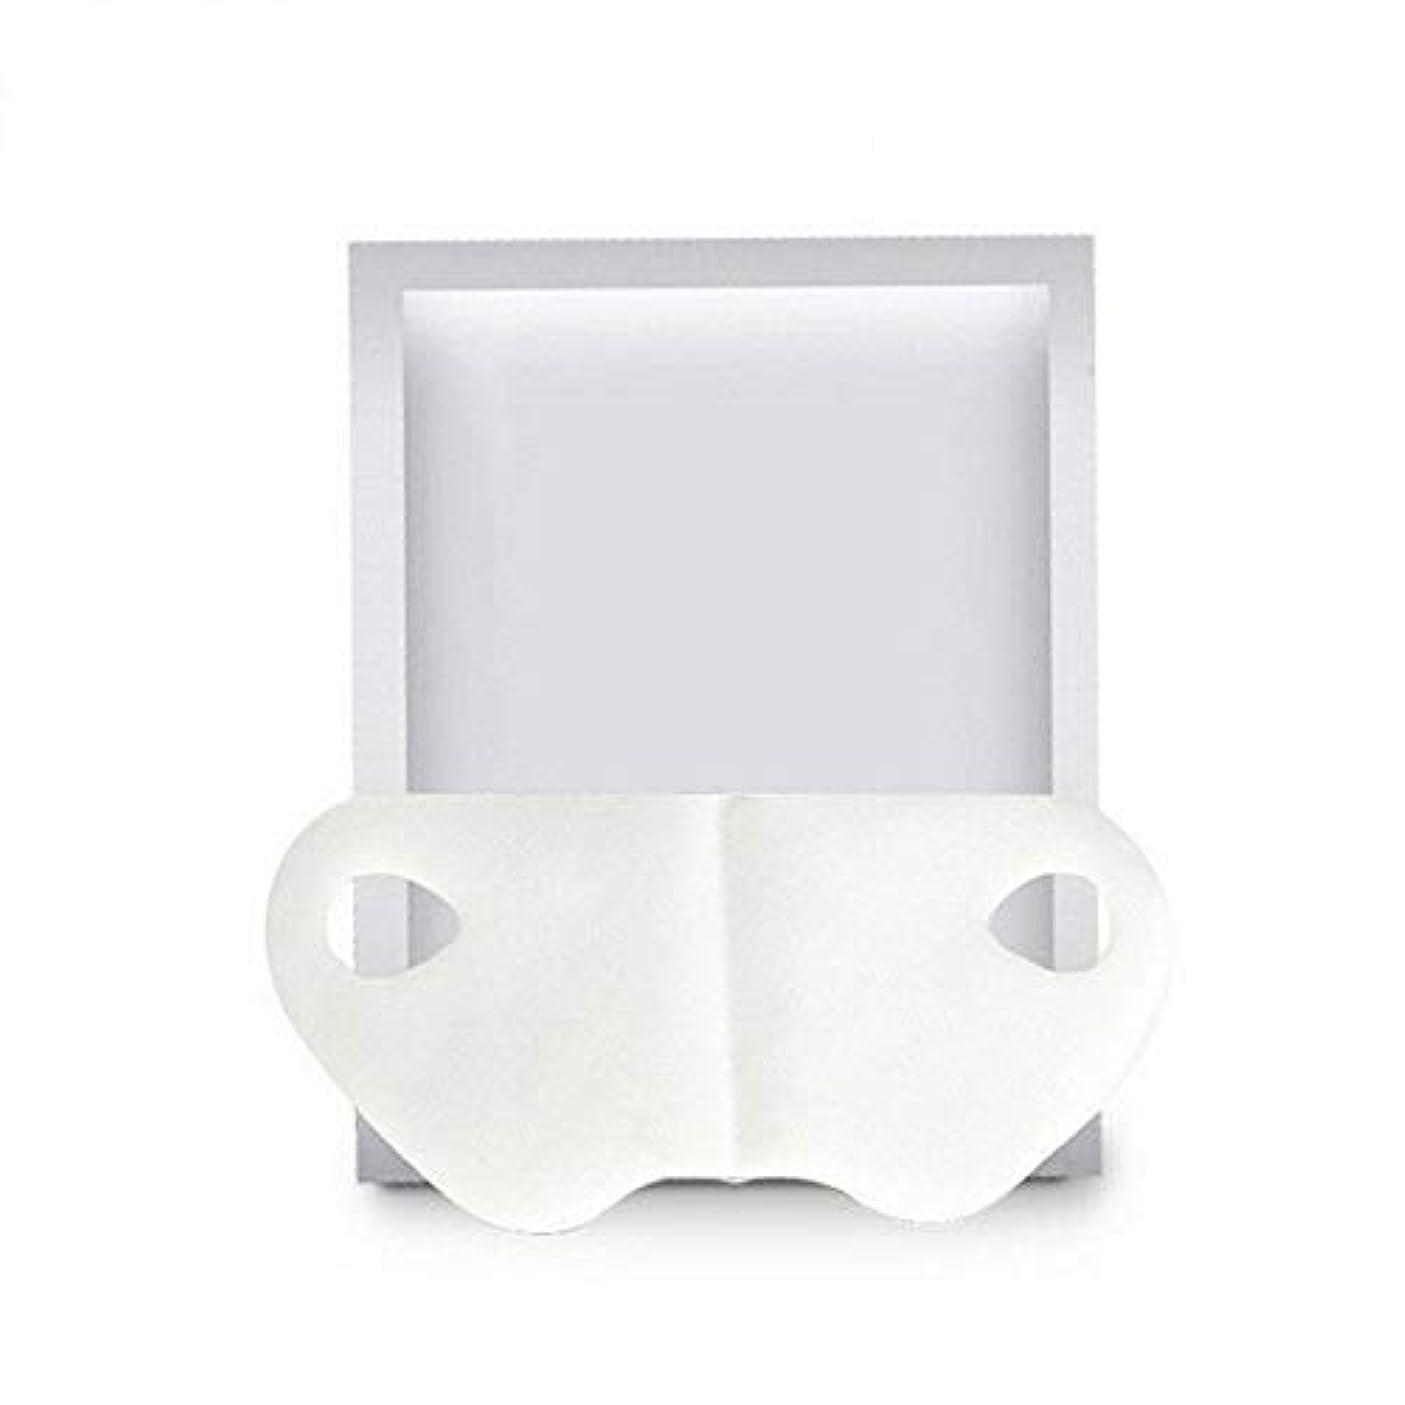 延ばすシェルター動物Aylincool   保湿フェイスファーミングマスクをホワイトニングするV字型スリミングフェイスマスク